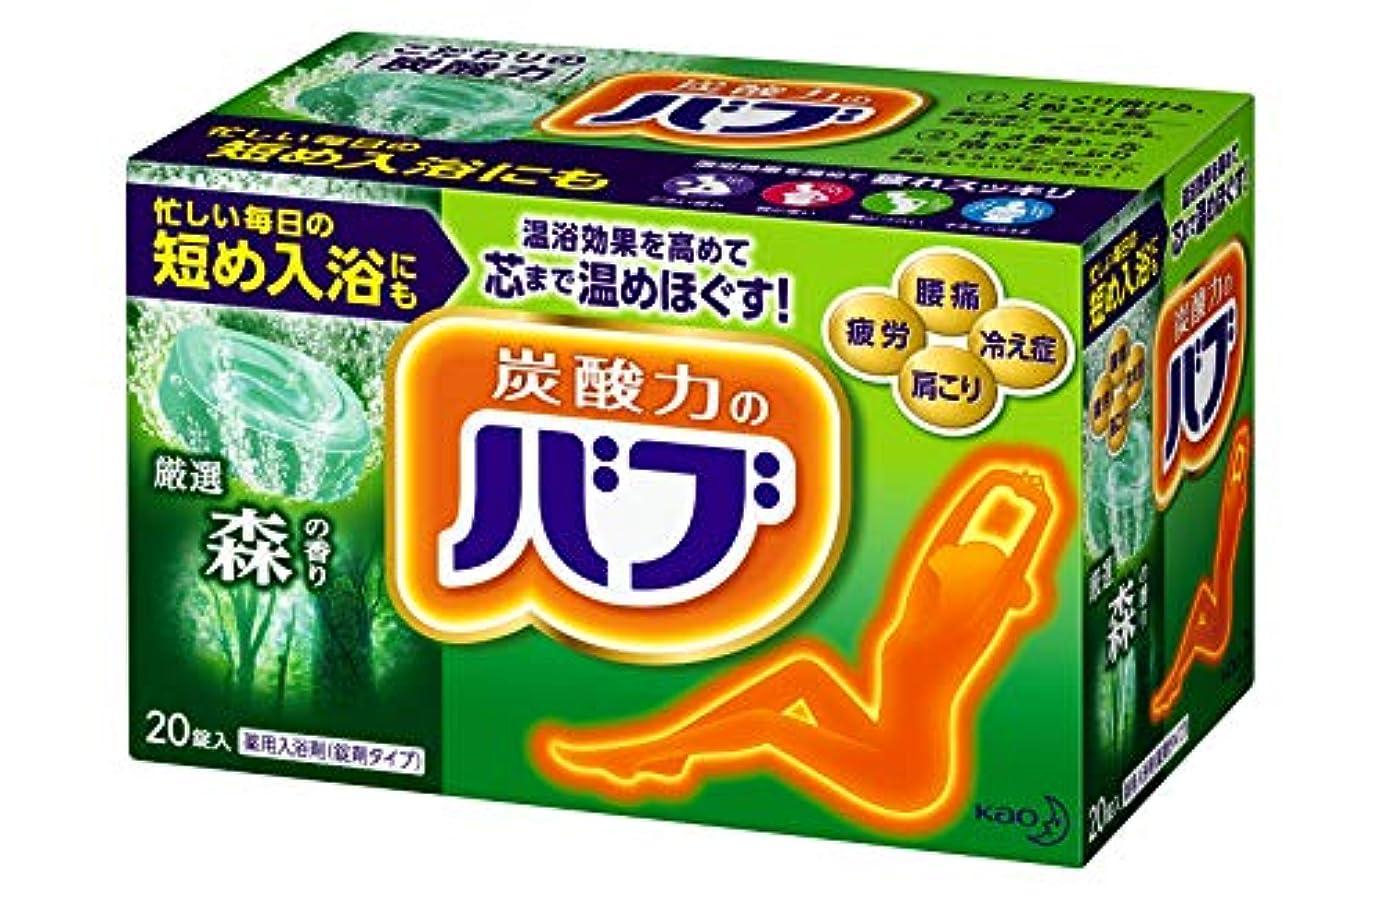 バブ 森 の香り 20錠入 炭酸 入浴剤 薬用  [医薬部外品]